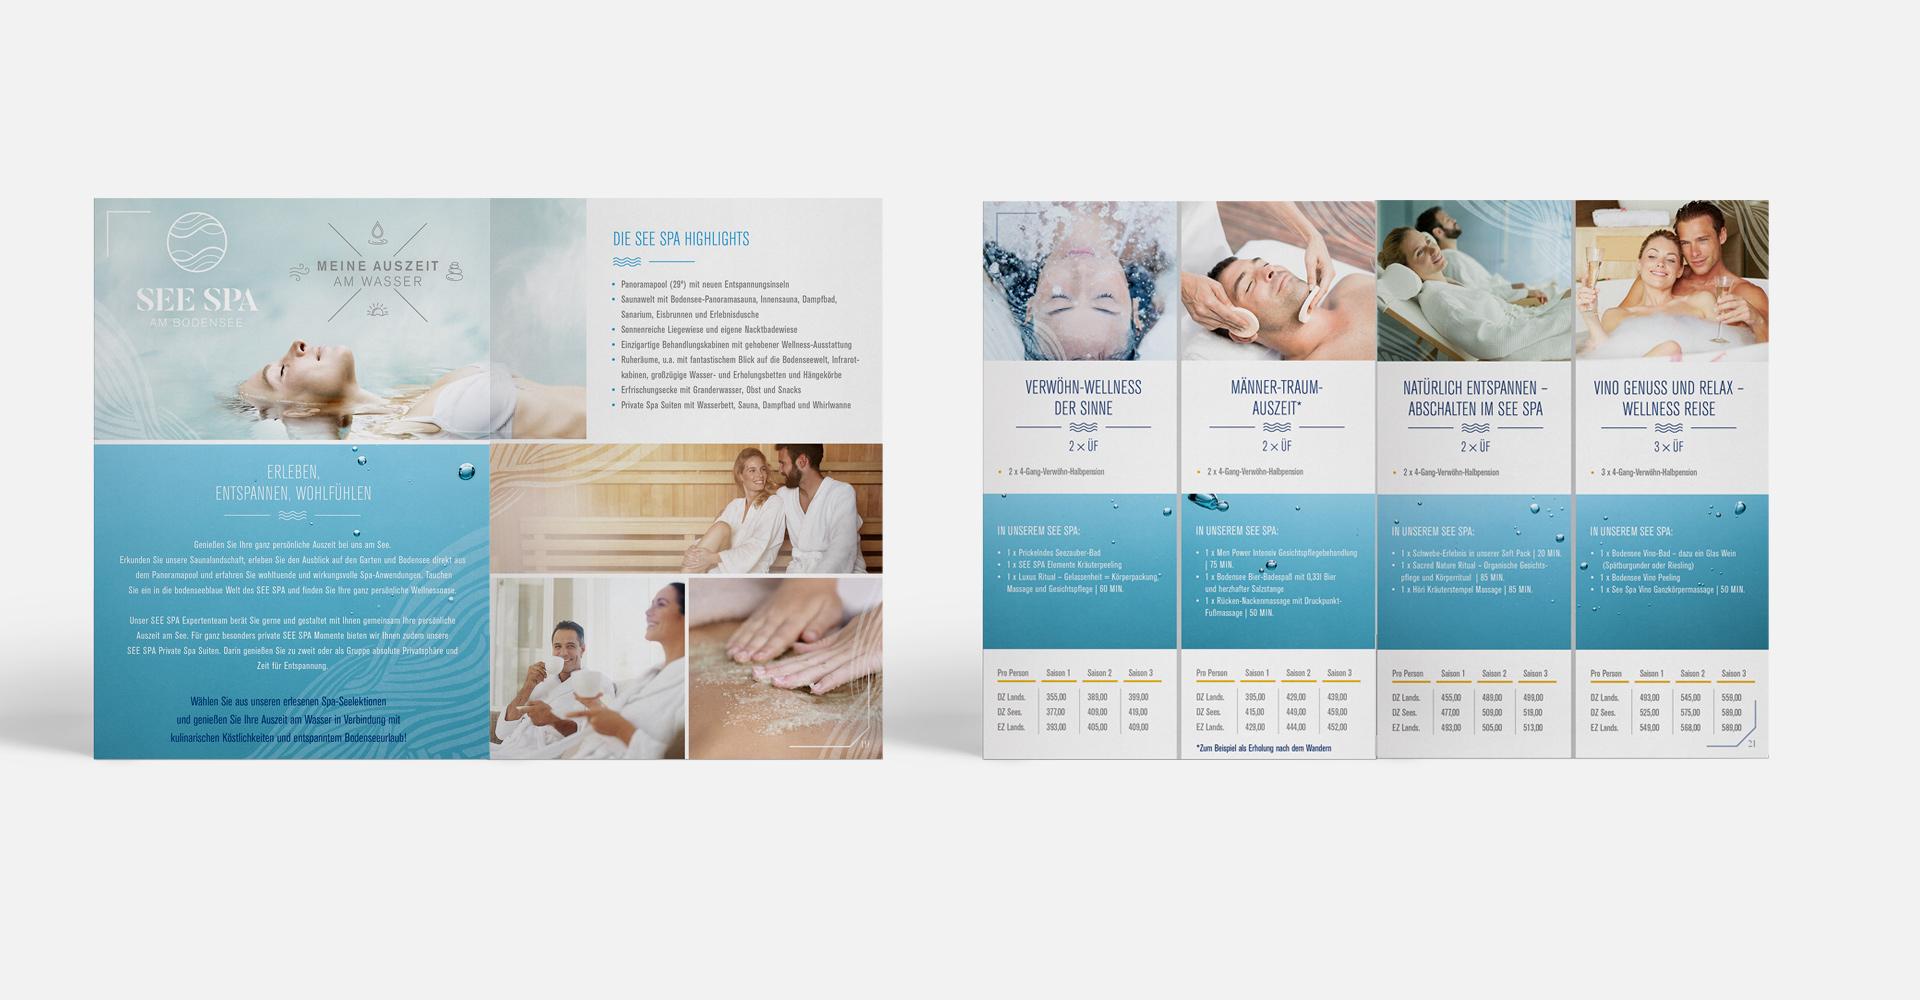 OPUS Marketing / Projekte / Hotel Hoeri am Bodensee / Print / Seenlektionen / Innenseiten